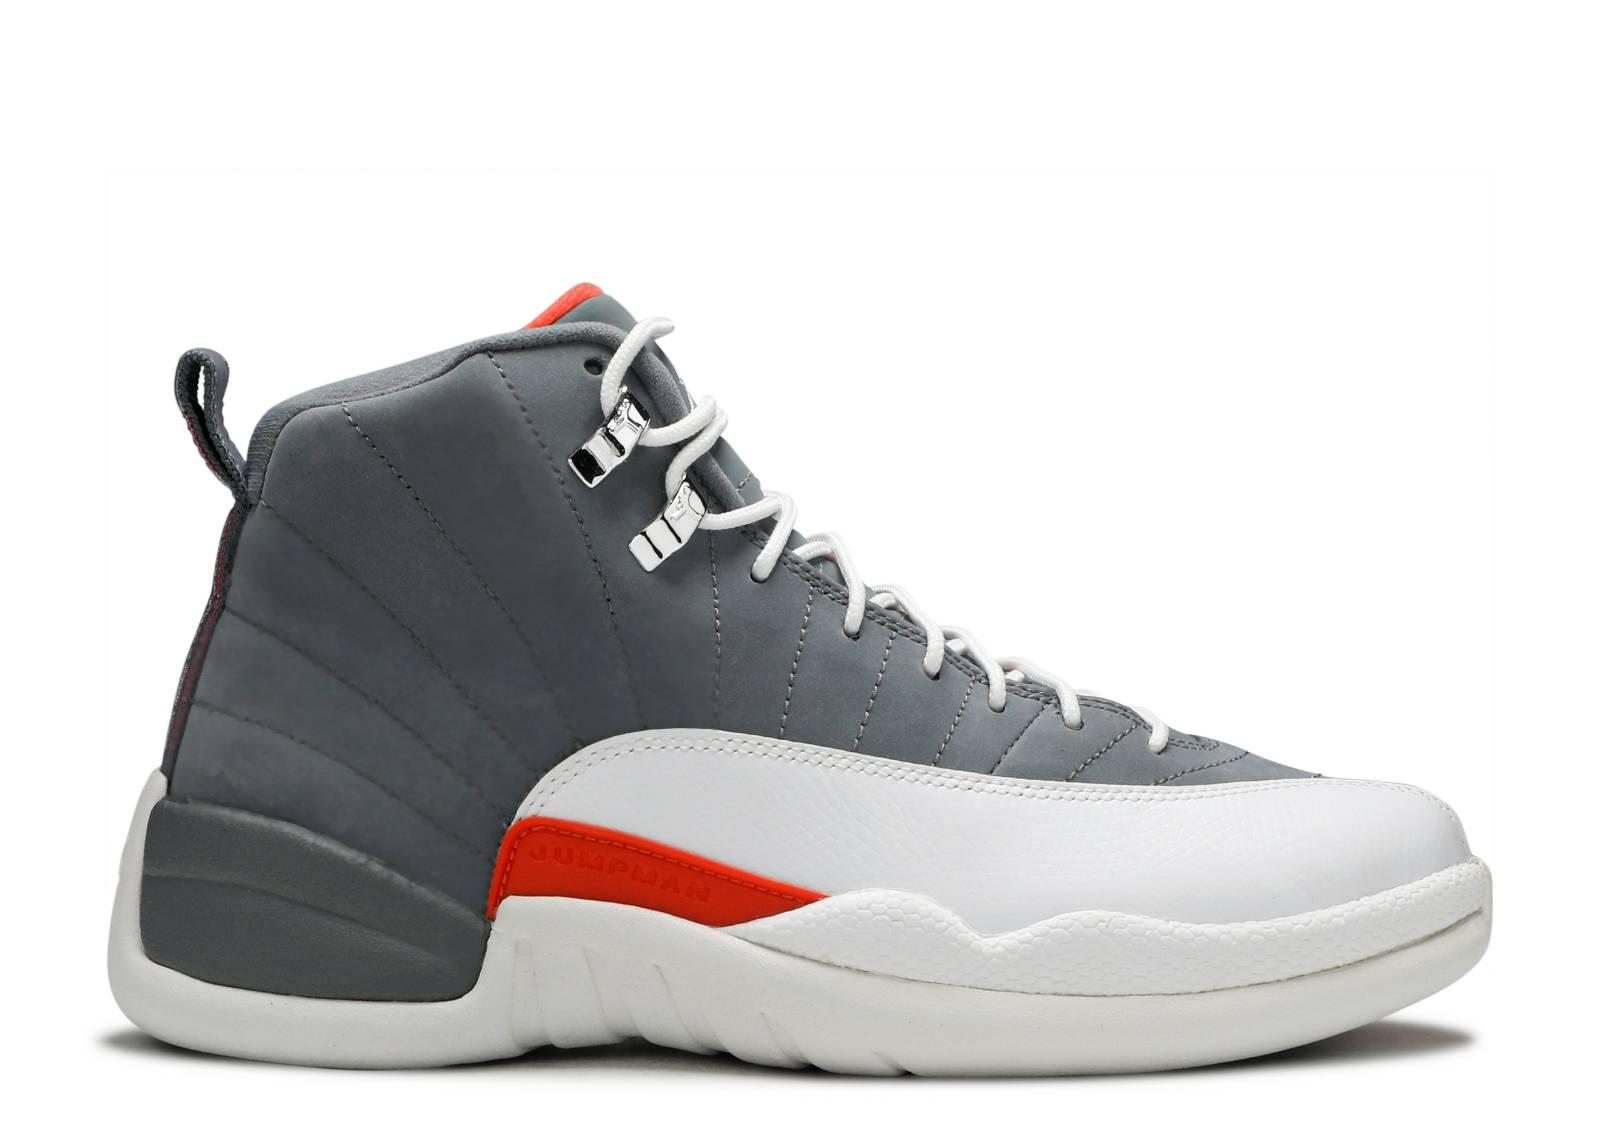 bce0936f4326 Air Jordan 12 Retro